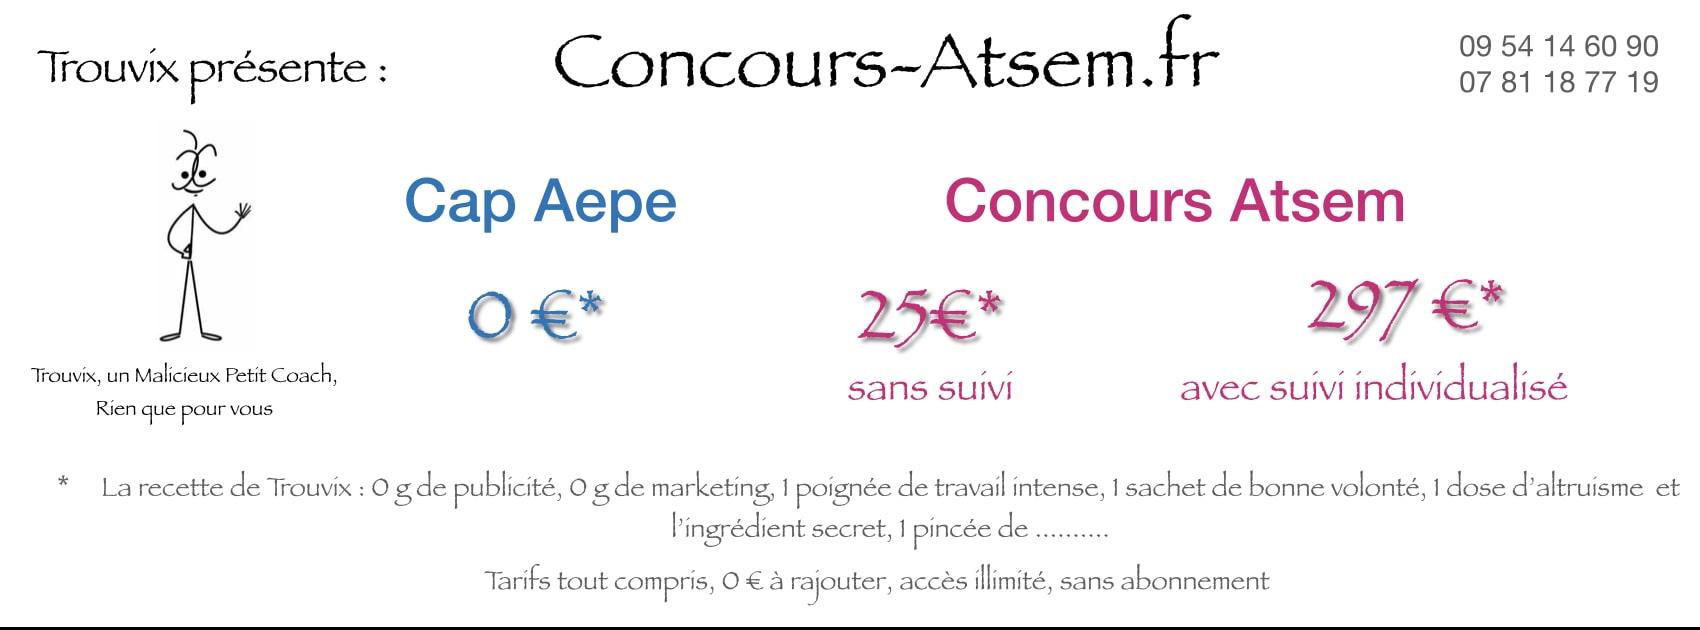 Cdg59 Calendrier Concours 2021 Dates du Concours Atsem : retrait des dossiers, inscription, formation